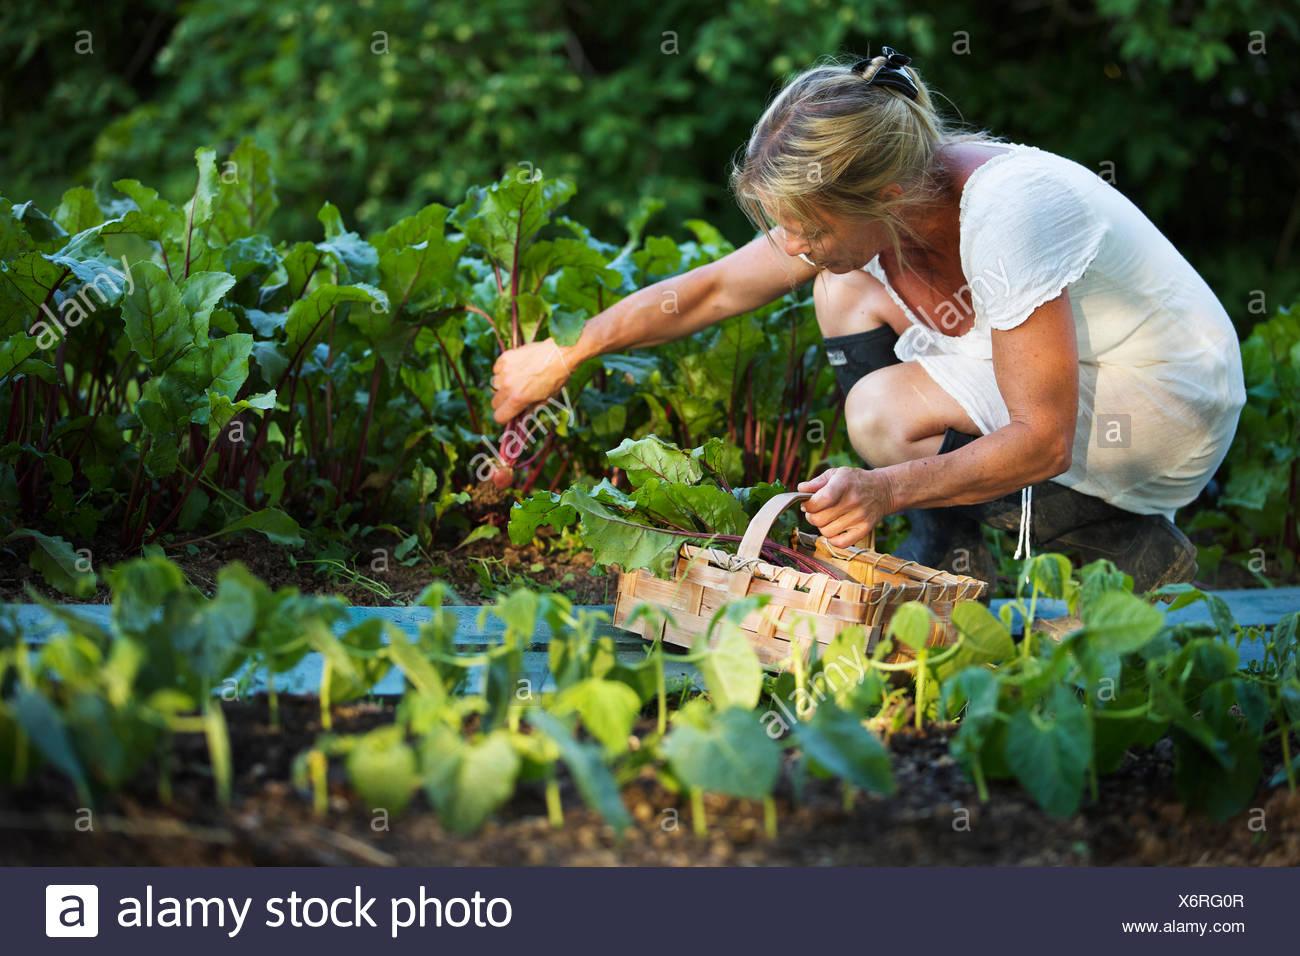 Sweden, Ostergotland, Mature woman harvesting vegetables - Stock Image